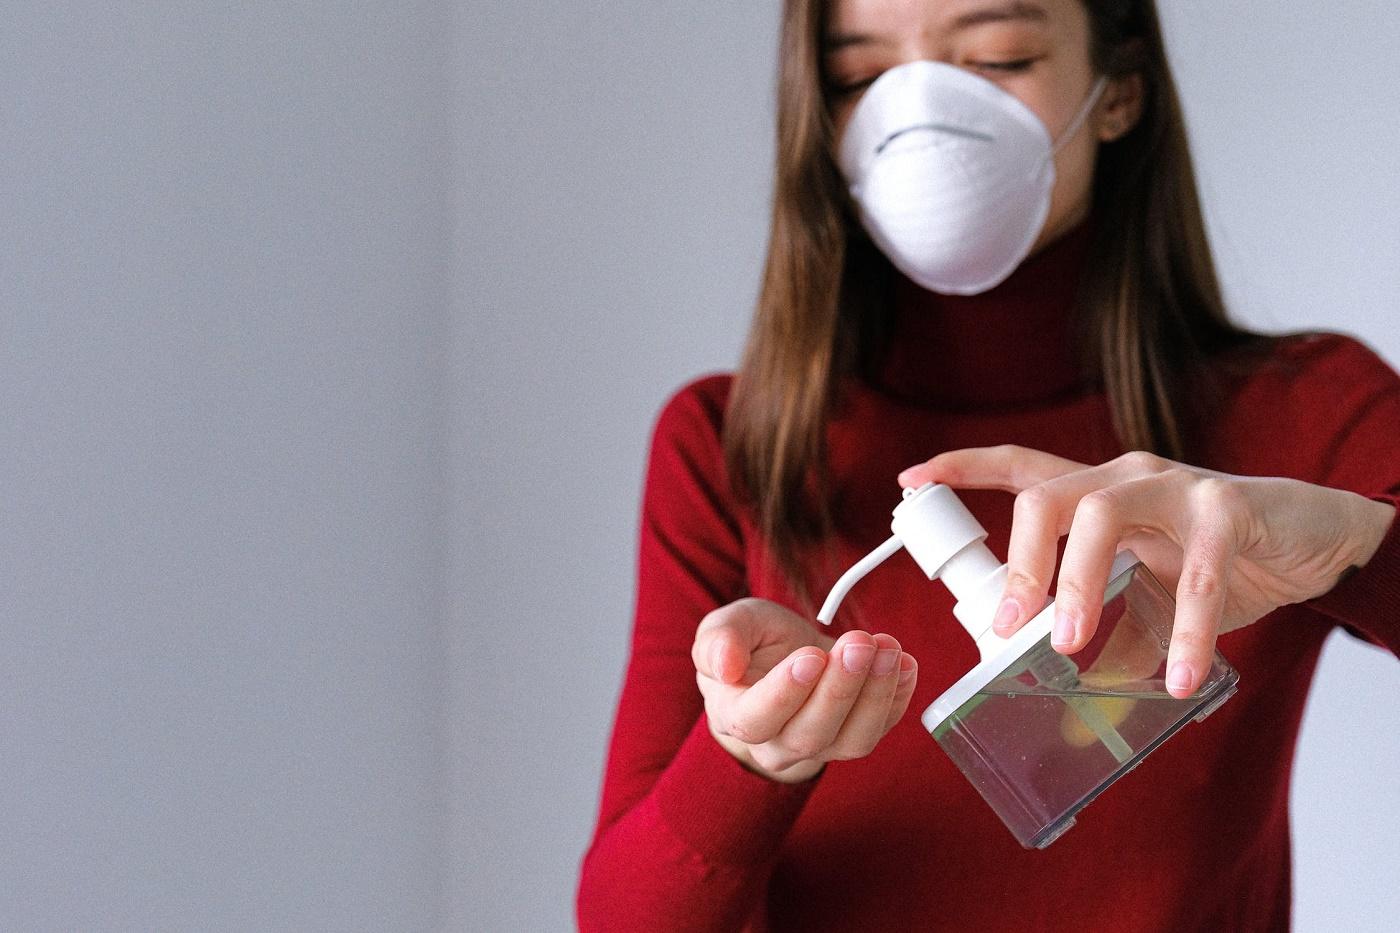 Ragazza con mascherina mentre si deterge le mani